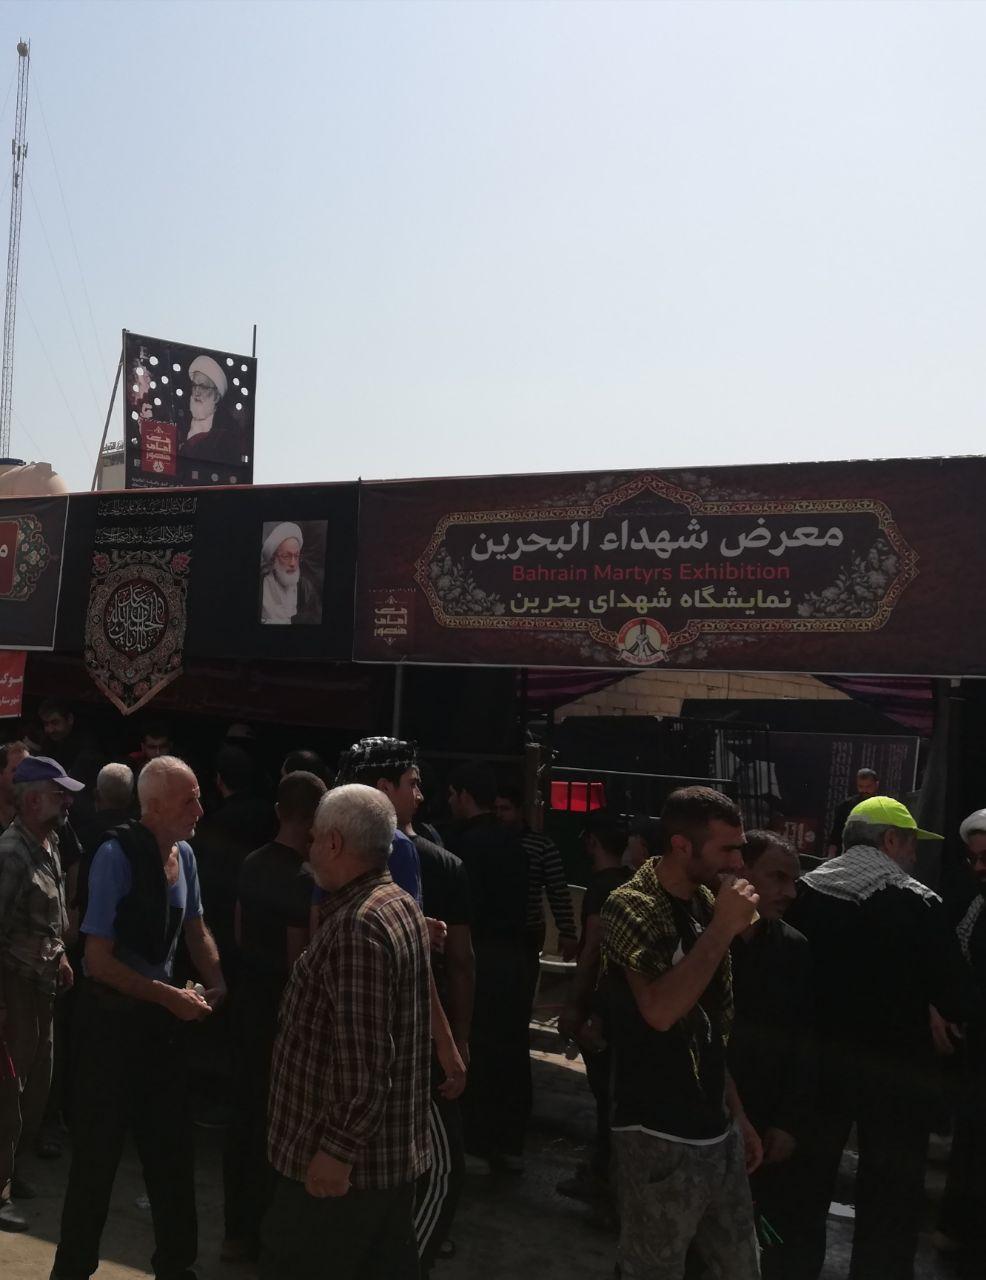 عصام المنامي: بعثة الإمام الخامنئي«دام ظلّه»إلى كربلاء تُشارك فيافتتاح«معرض شهداء البحرين»